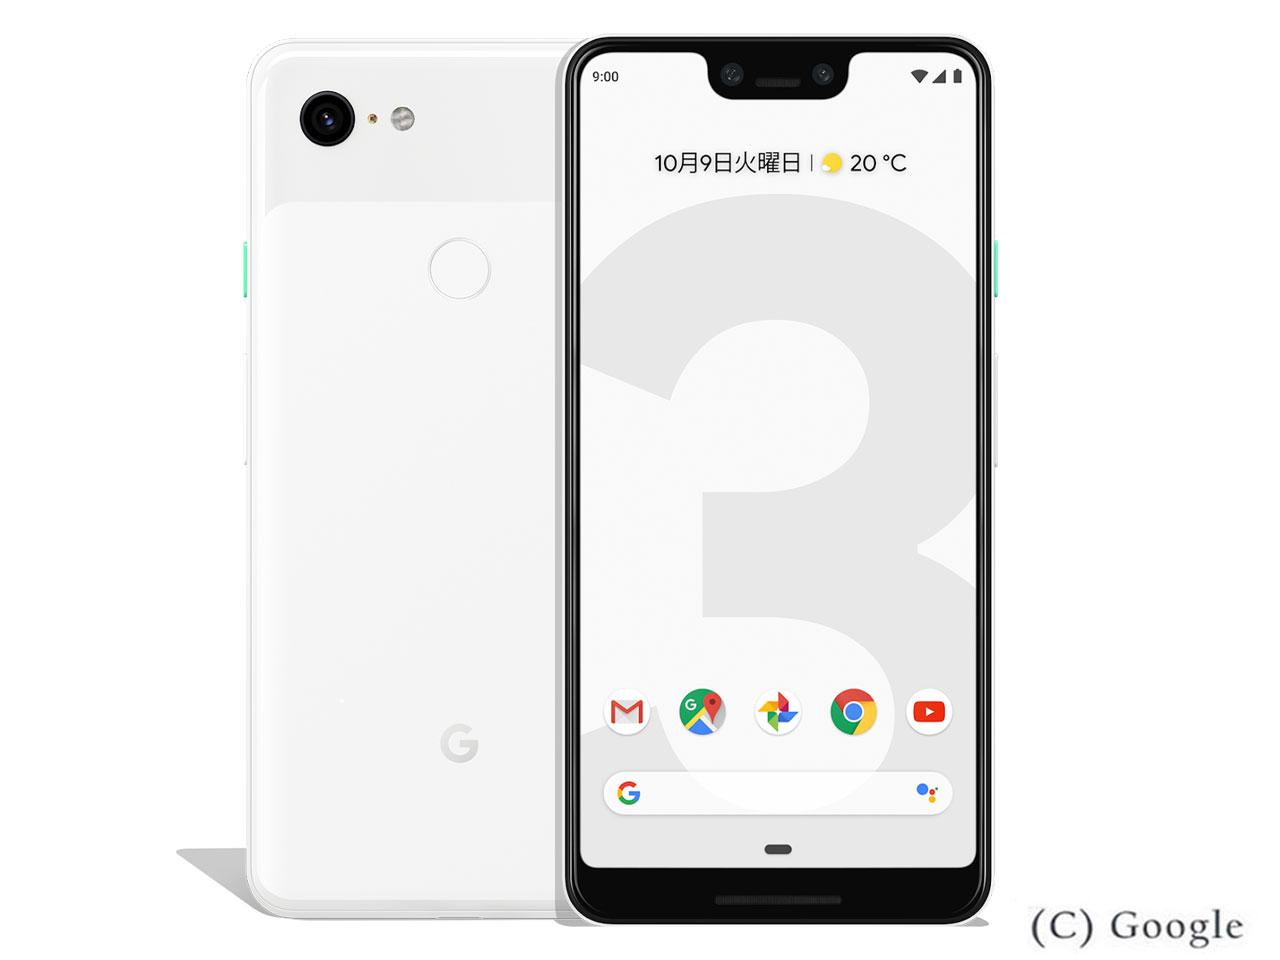 新品 未使用 【SIMロック解除済】Google Pixel3 XL G013D [Clearly White 128GB] docomo スマホ 白ロム 本体 送料無料【当社6ヶ月保証】【中古】 【 携帯少年 】